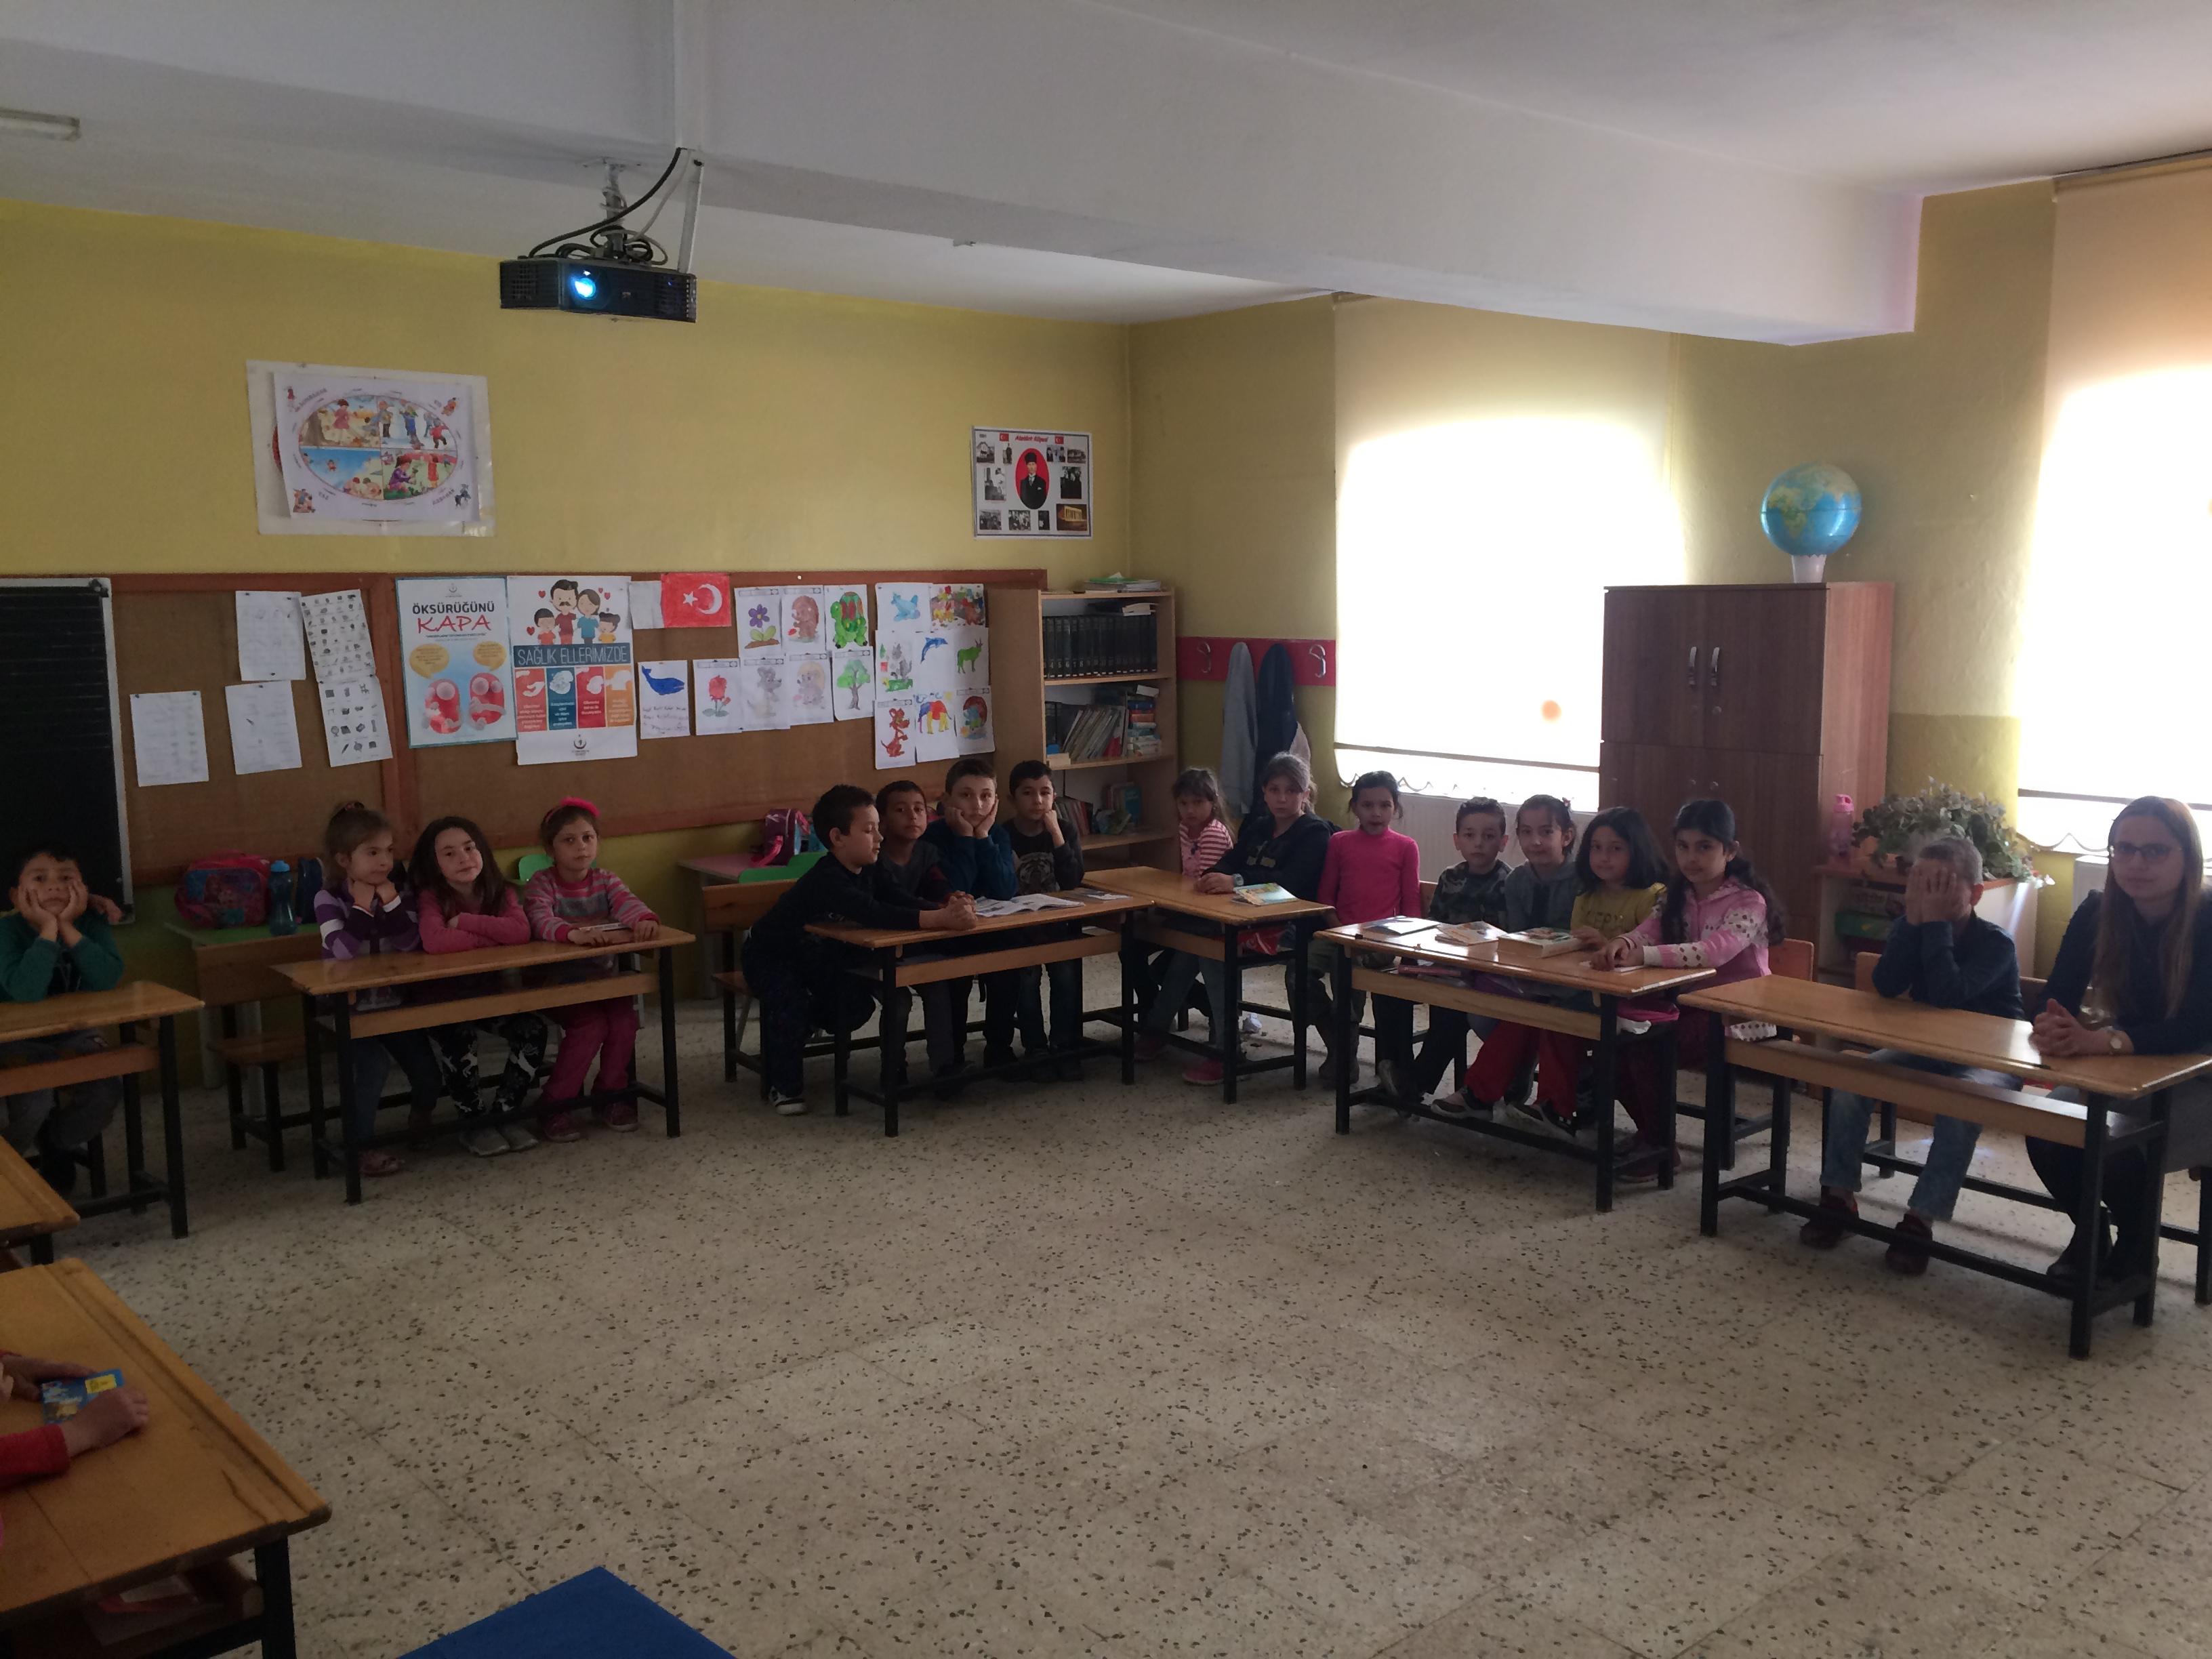 Kabagöz İlkokulu'nda Sıfır Atık Konulu Eğitim Verildi